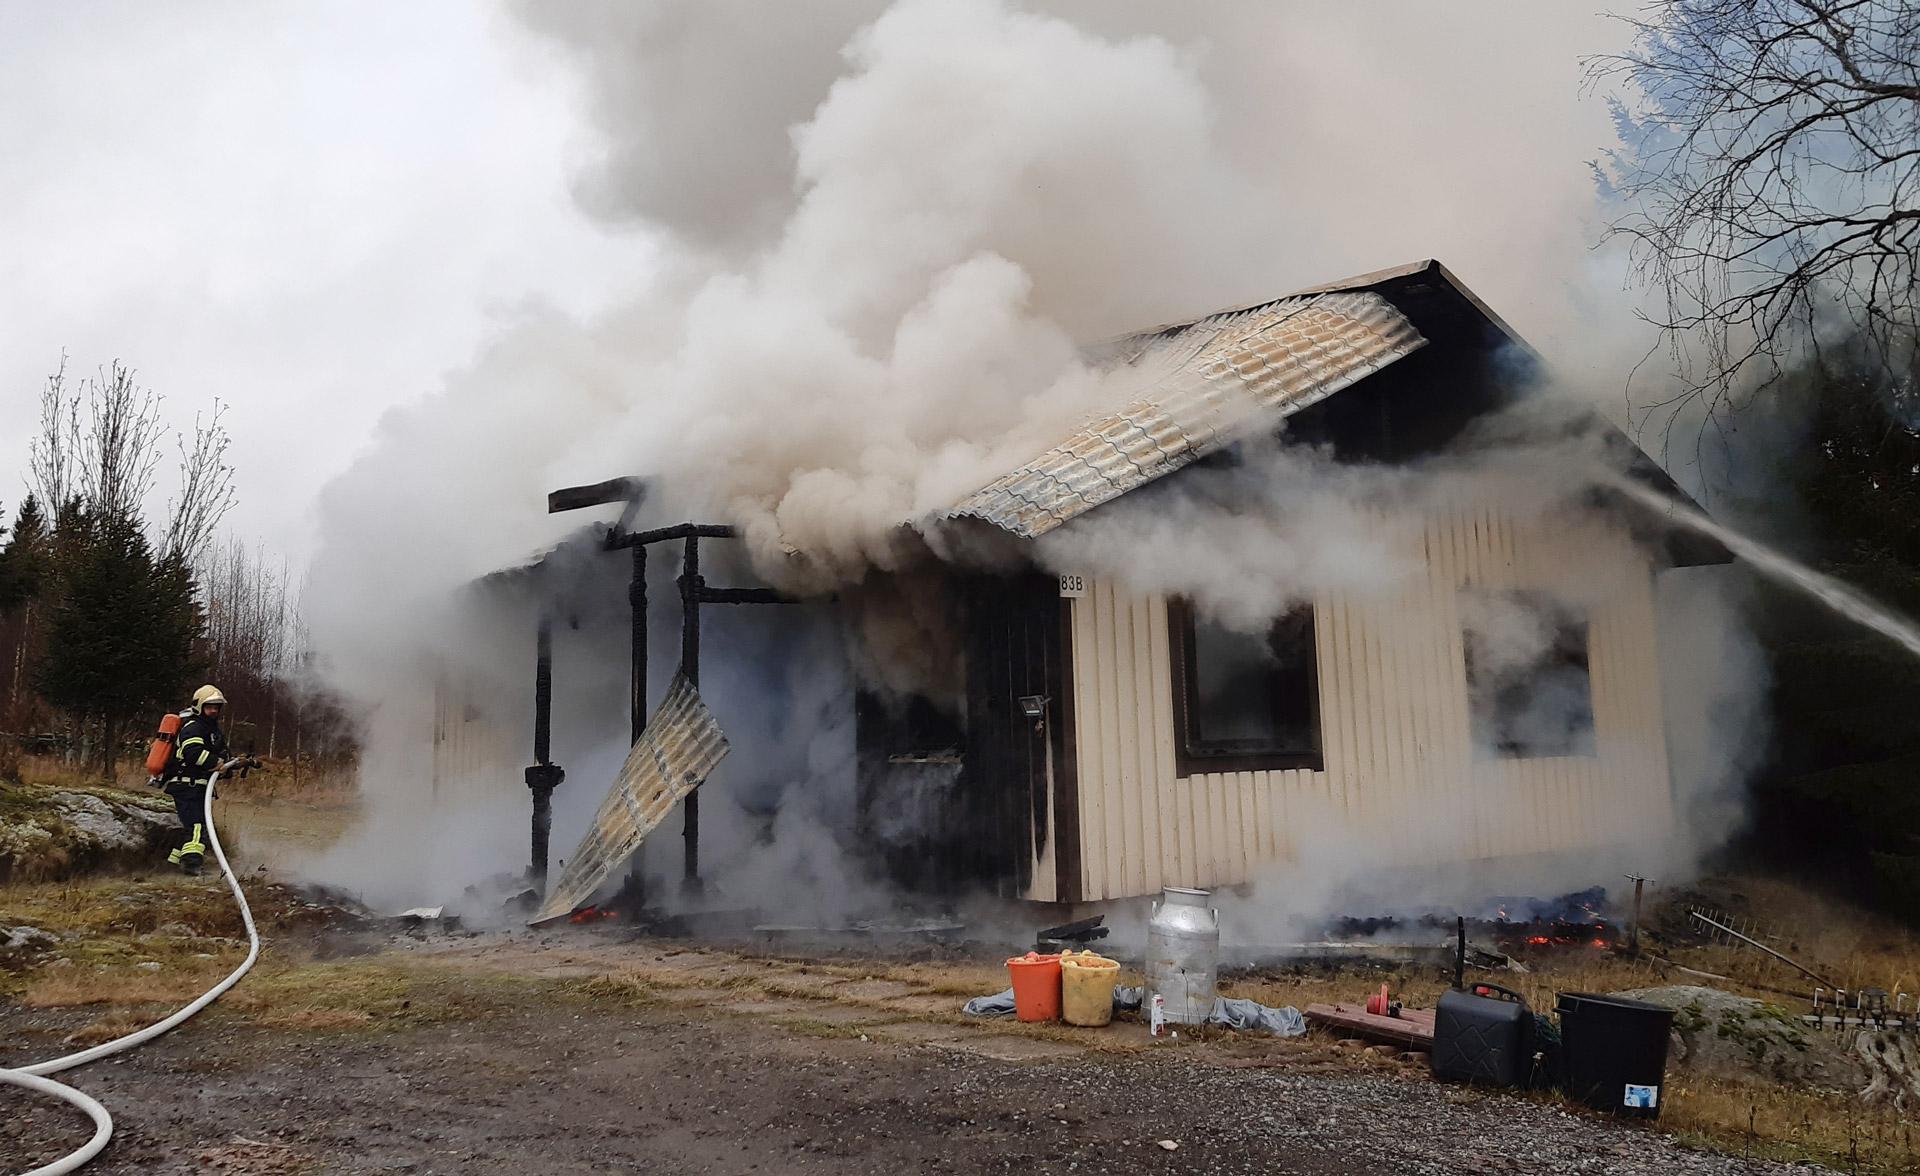 Surullinen esimerkki kylmäsavustuksesta kuistilla Nilsiästä 28. lokakuuta 2020. Rakennus paloi käyttökelvottomaksi. Kuva: Risto Taskinen.